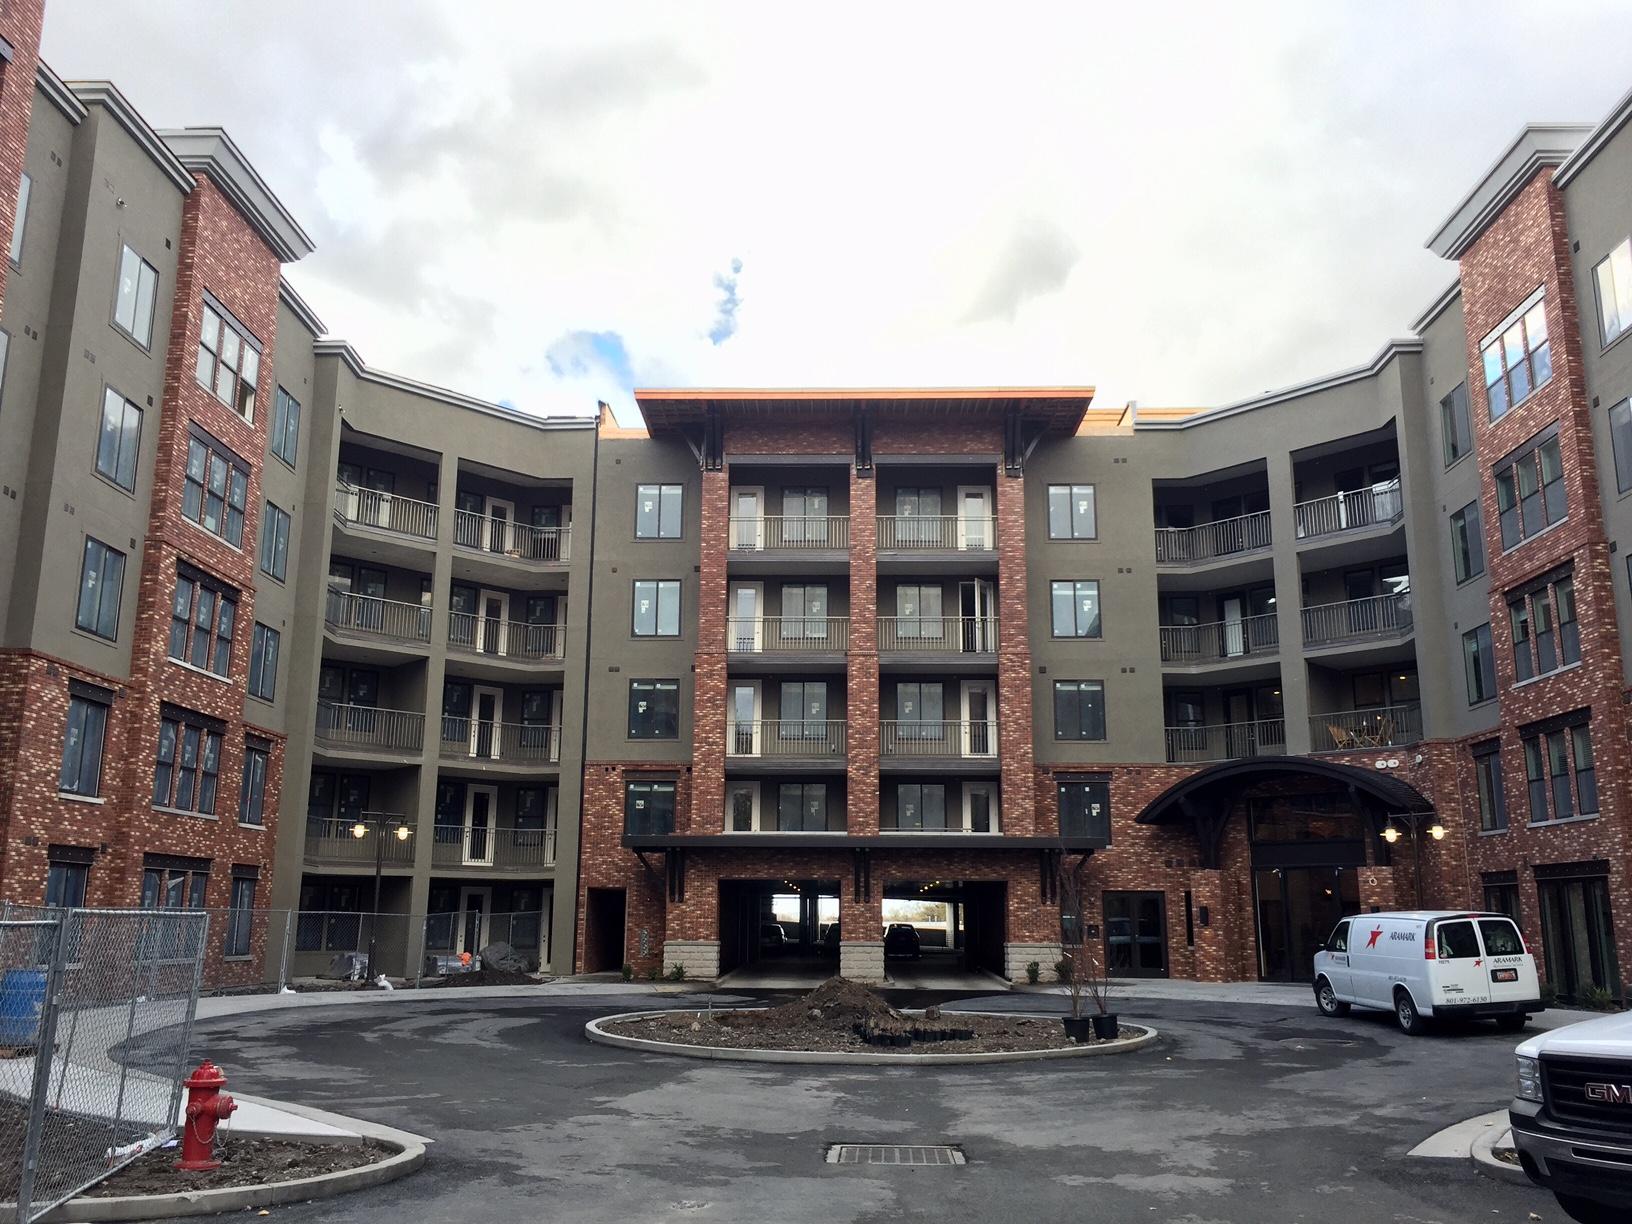 4th west apartments salt lake city reviews